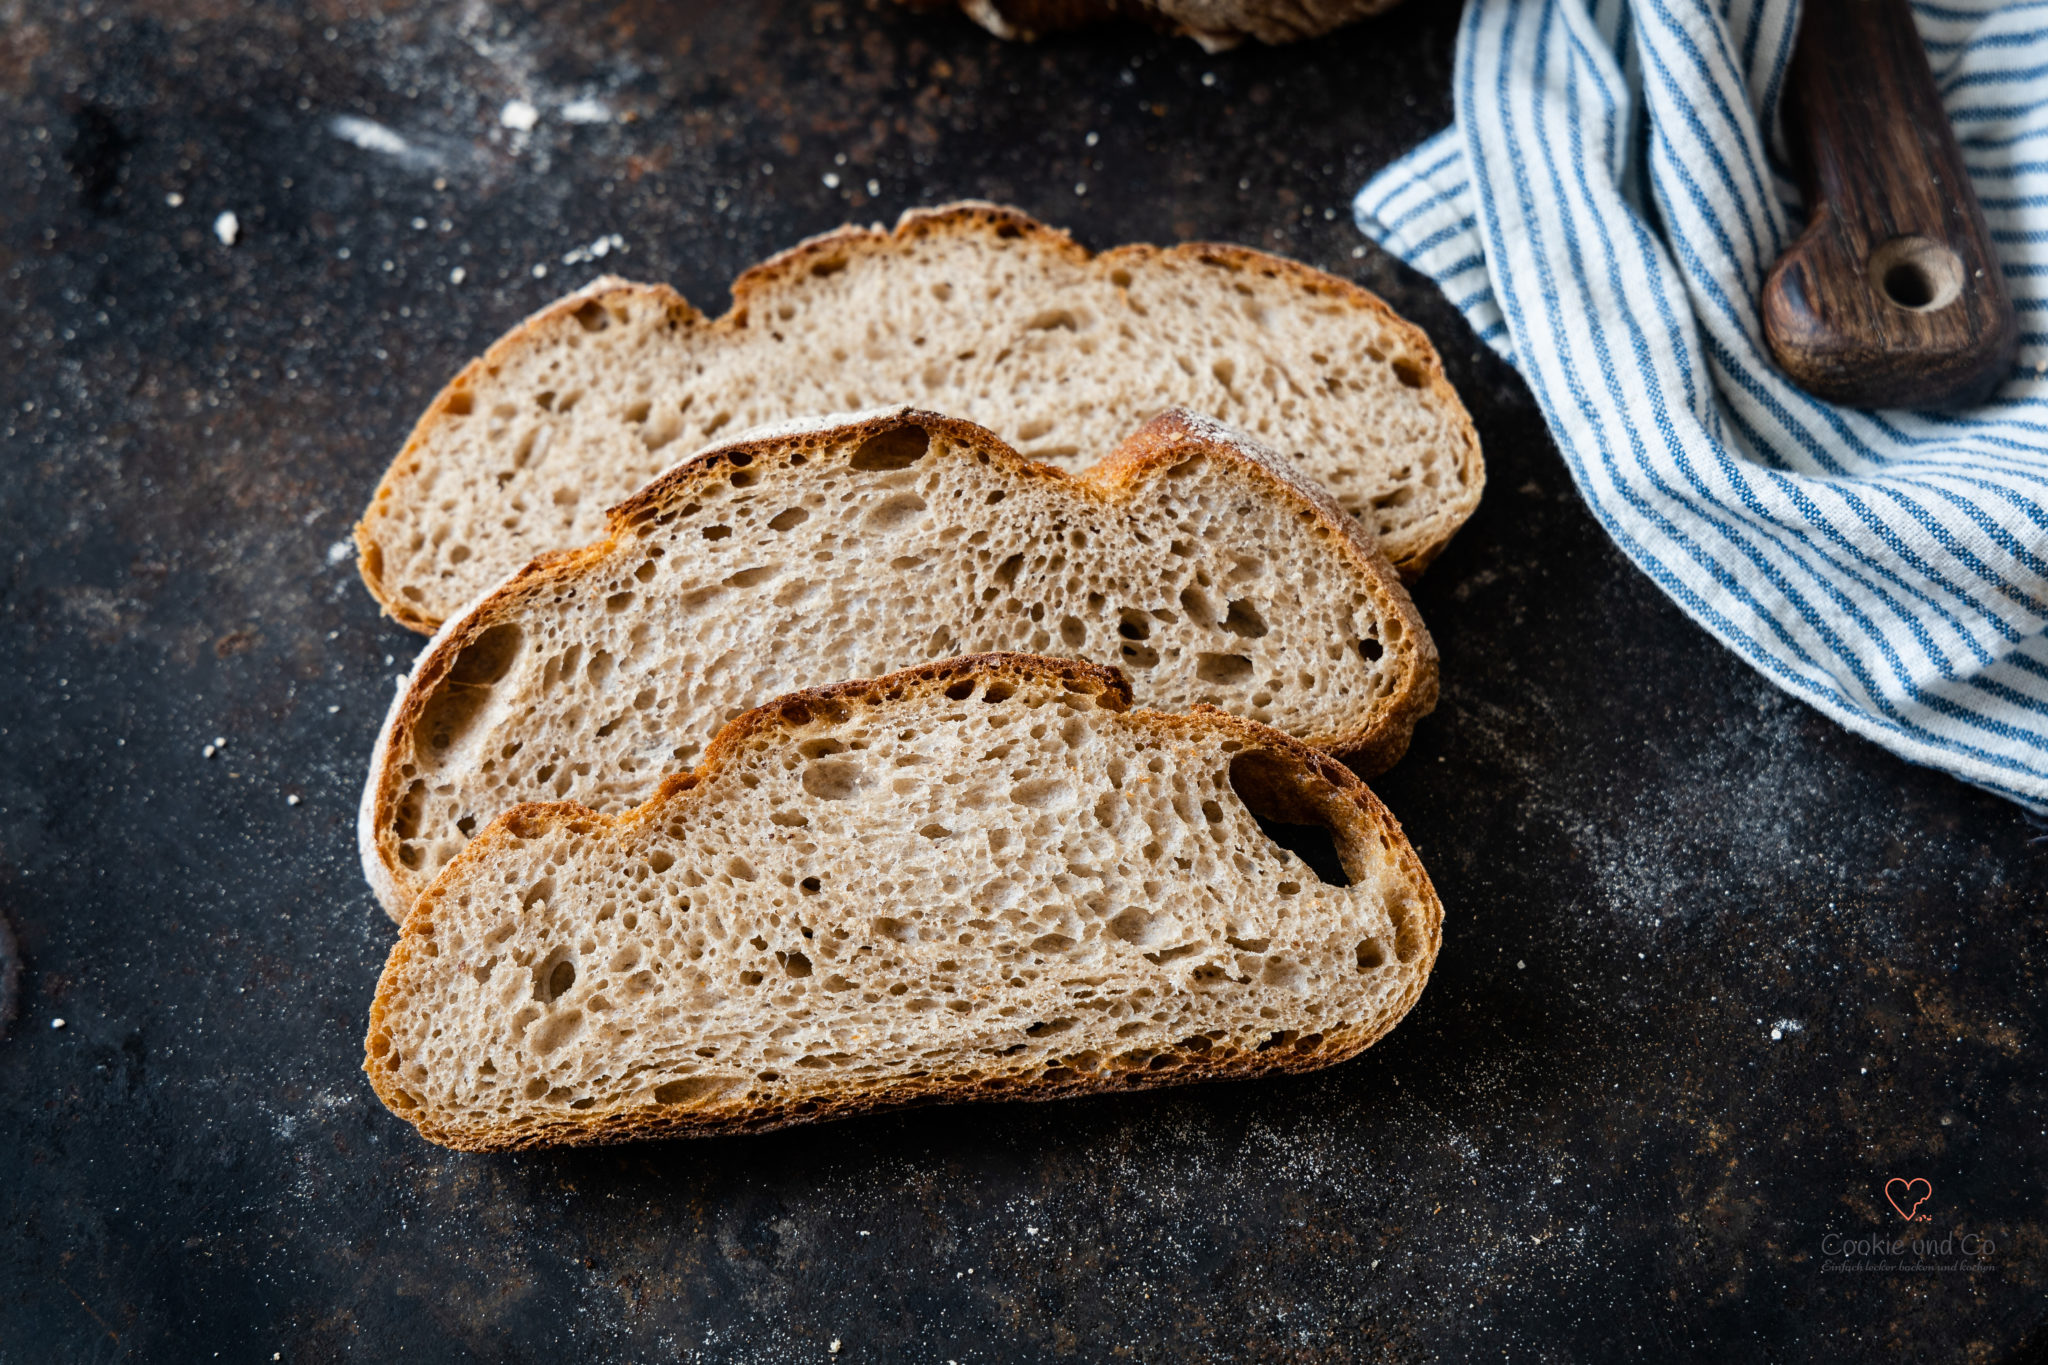 Brotscheiben auf einem alten Backblech von einem Mischbrot mit Weißbier und Sauerteig.